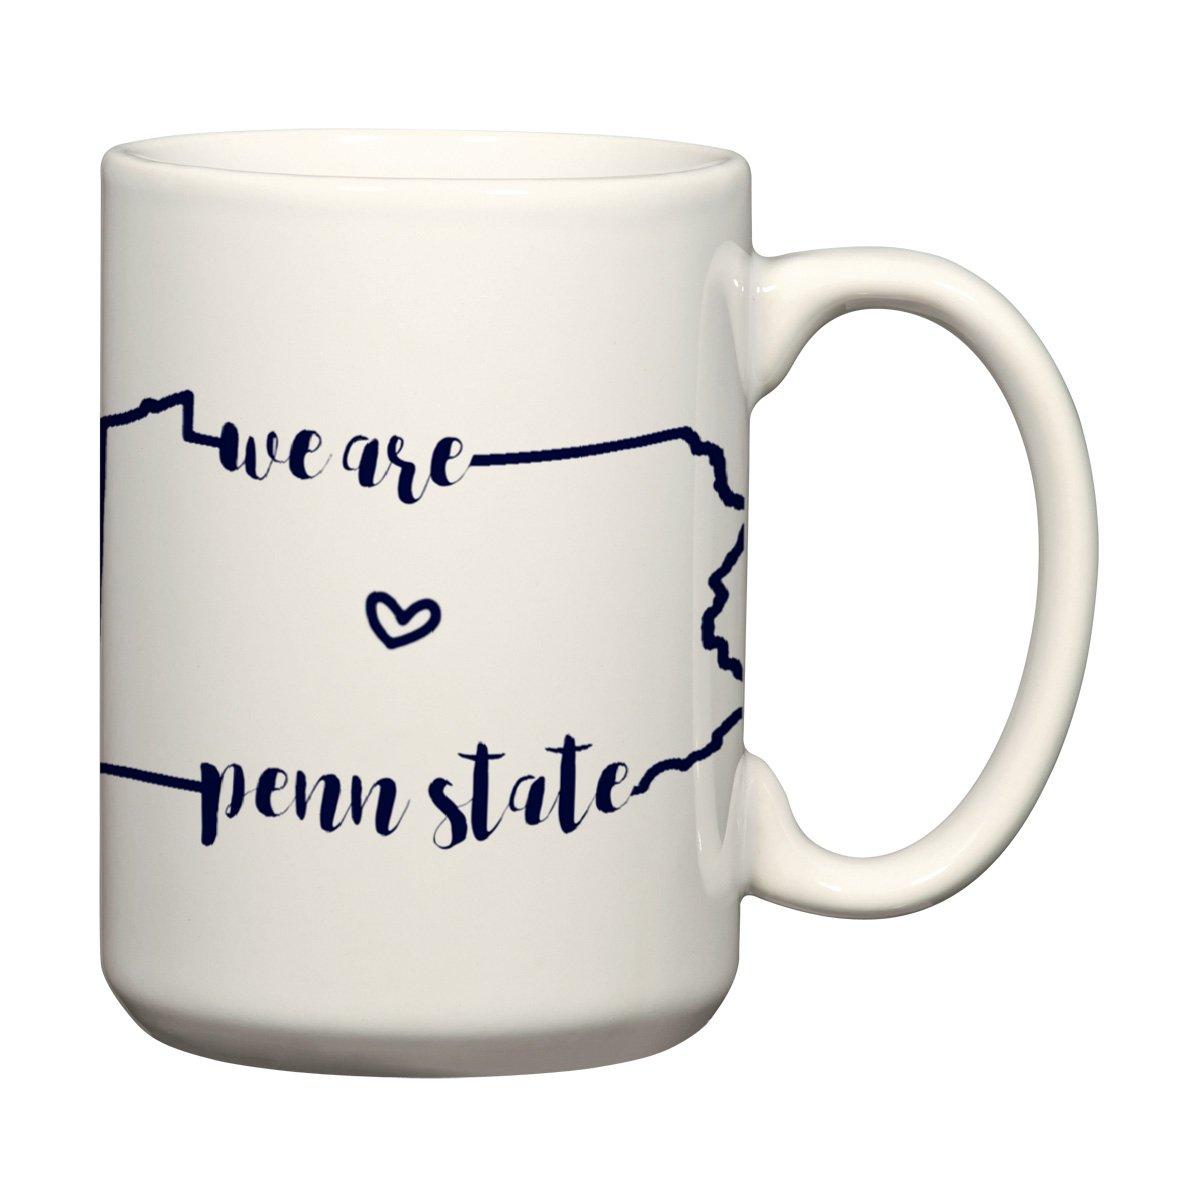 We Are Penn State Mug Pennsylvania Coffee Mug PSU Nittany Lions University Gifts 15 oz Coffee Mug